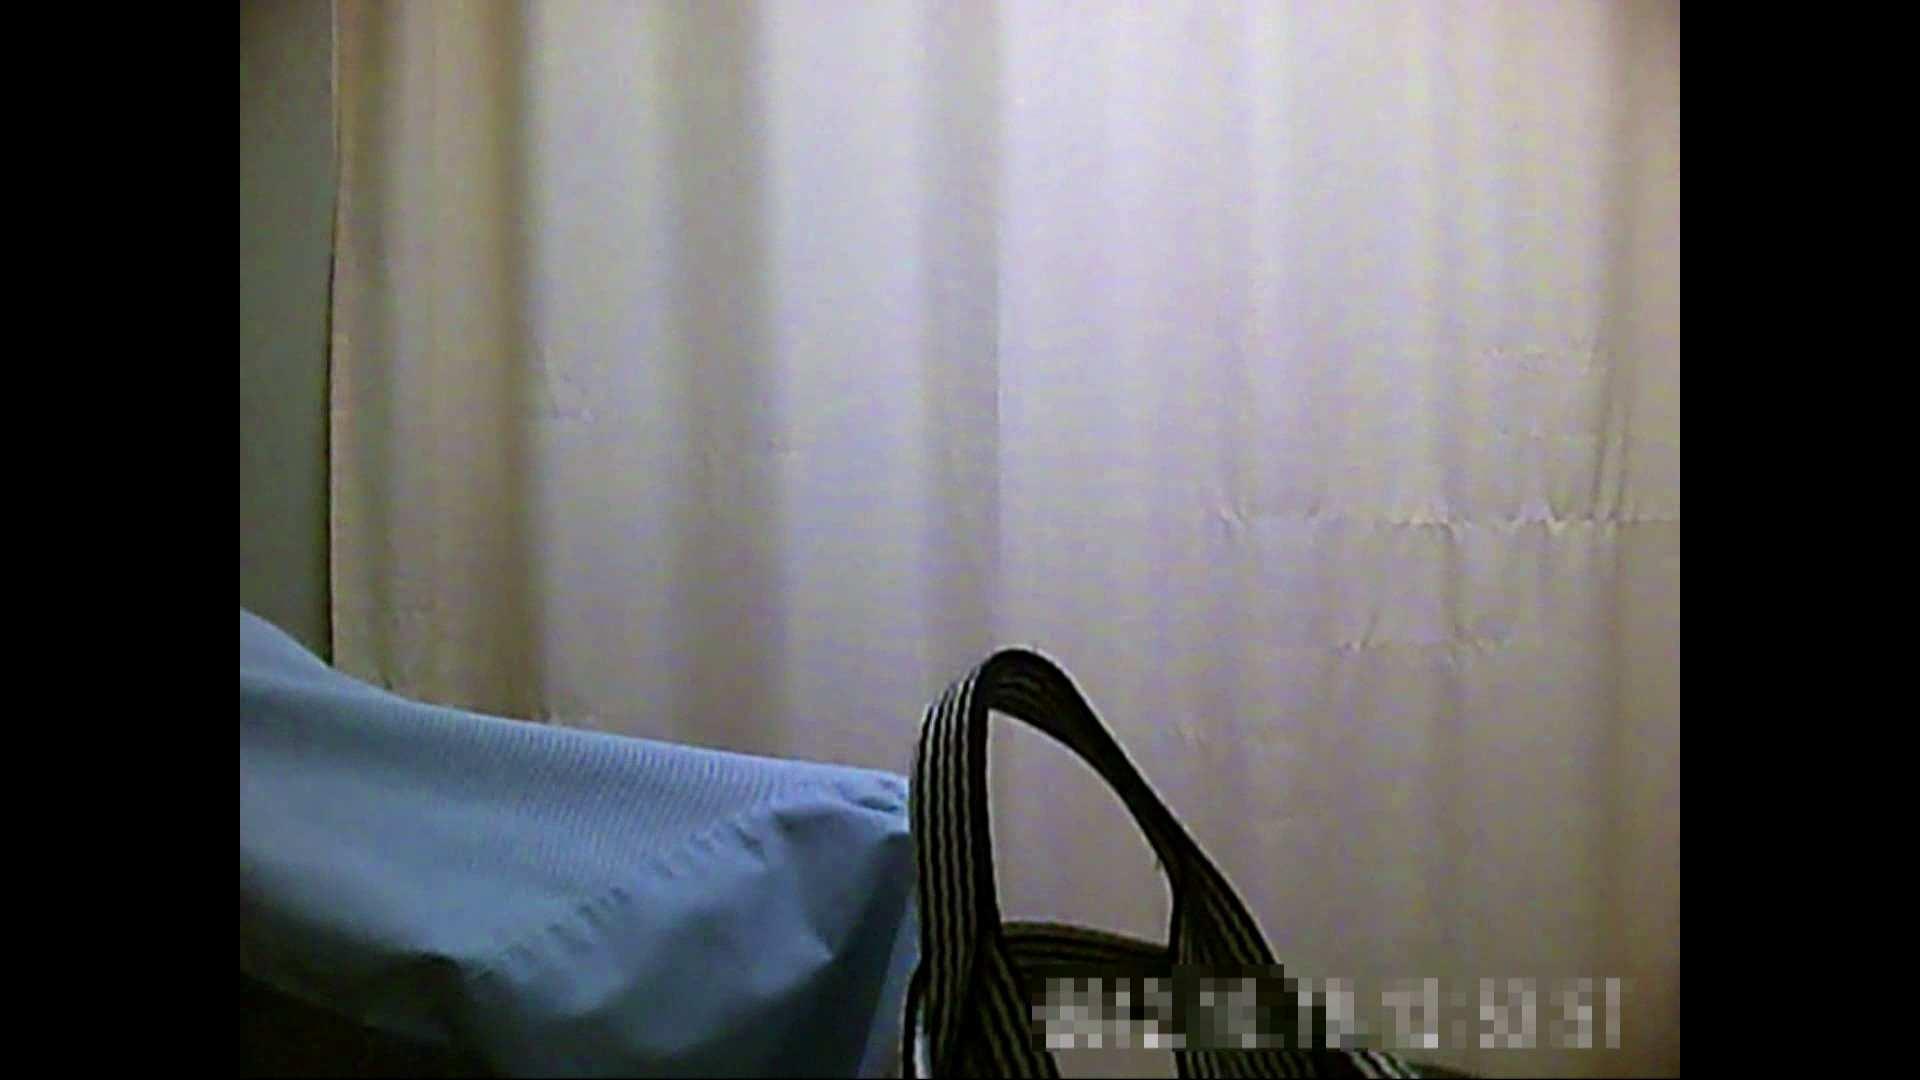 病院おもいっきり着替え! vol.243 おっぱい 隠し撮りセックス画像 86画像 60